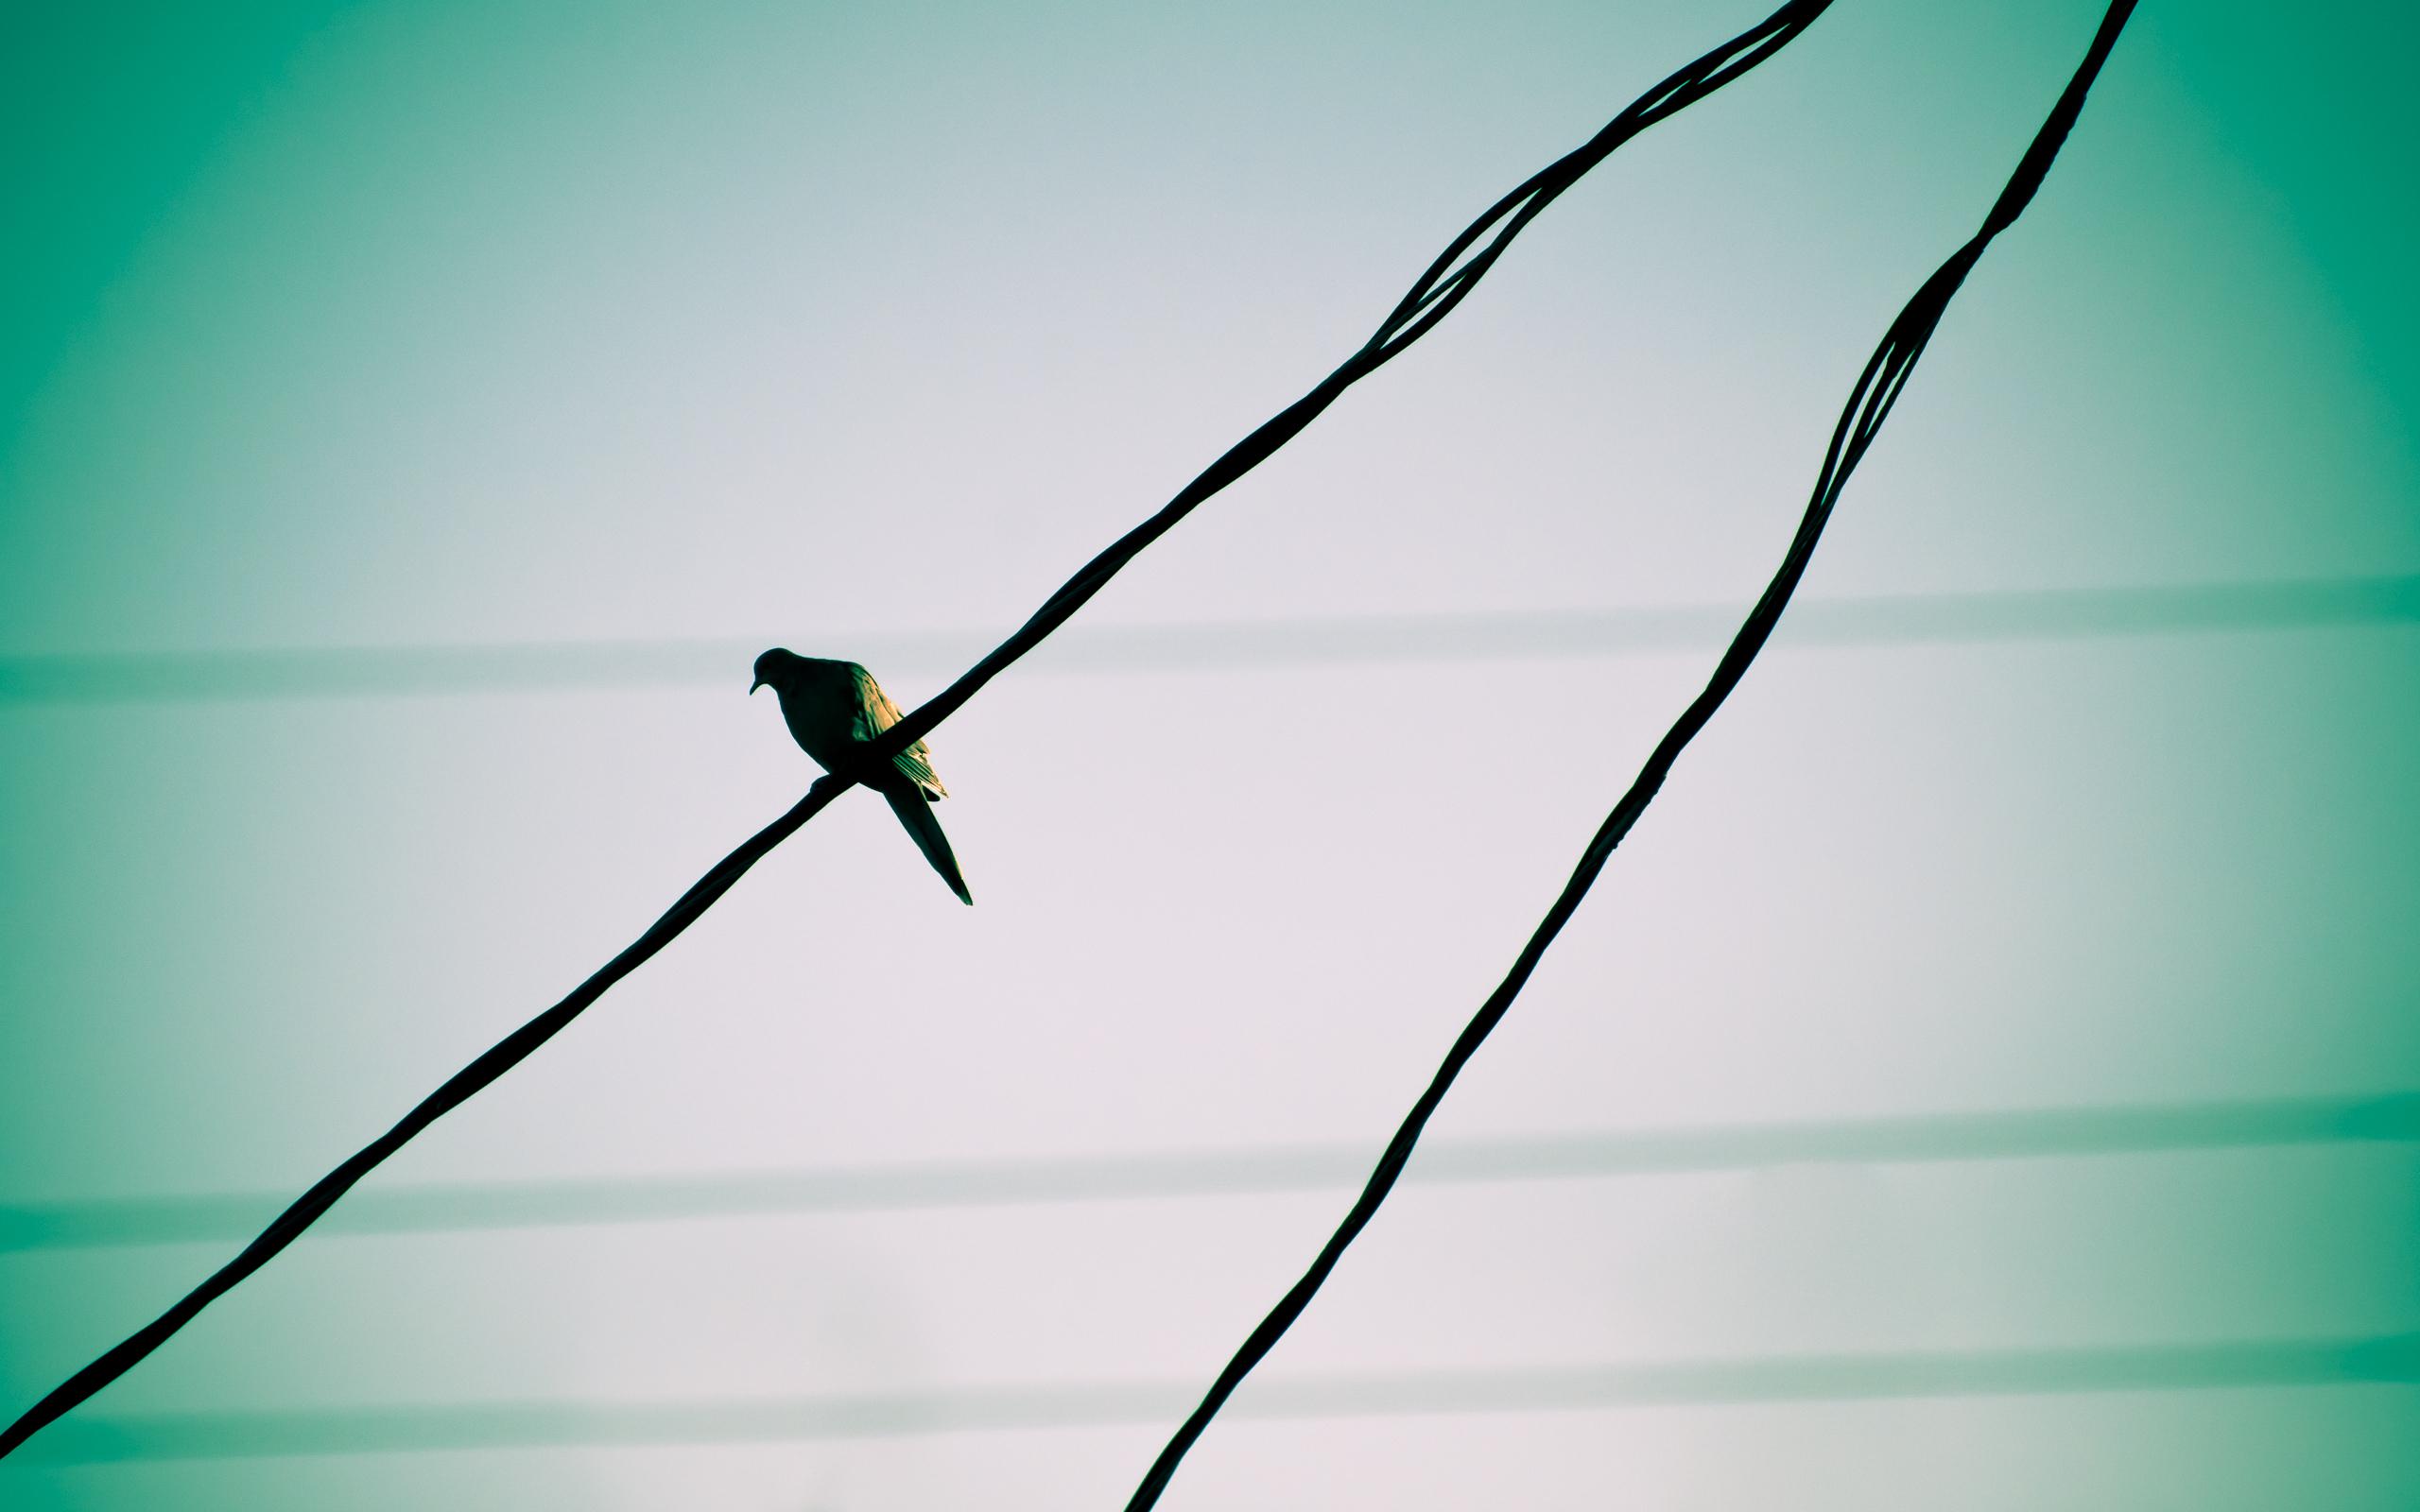 гифка птички на проводе которые часто отдают